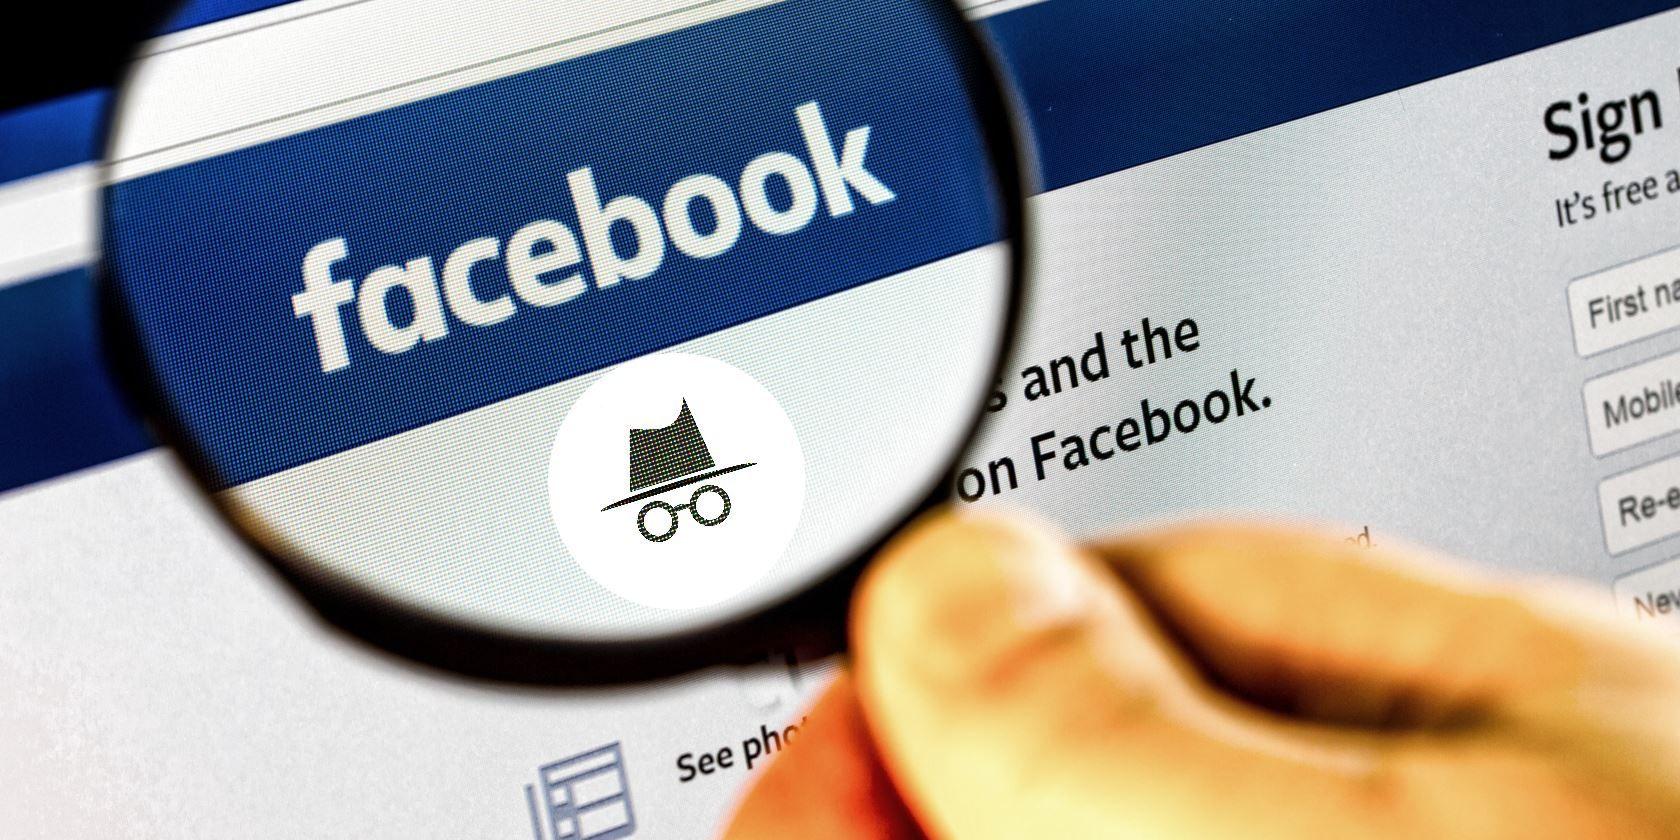 Sign facebook www facebook up for com login or Facebook com